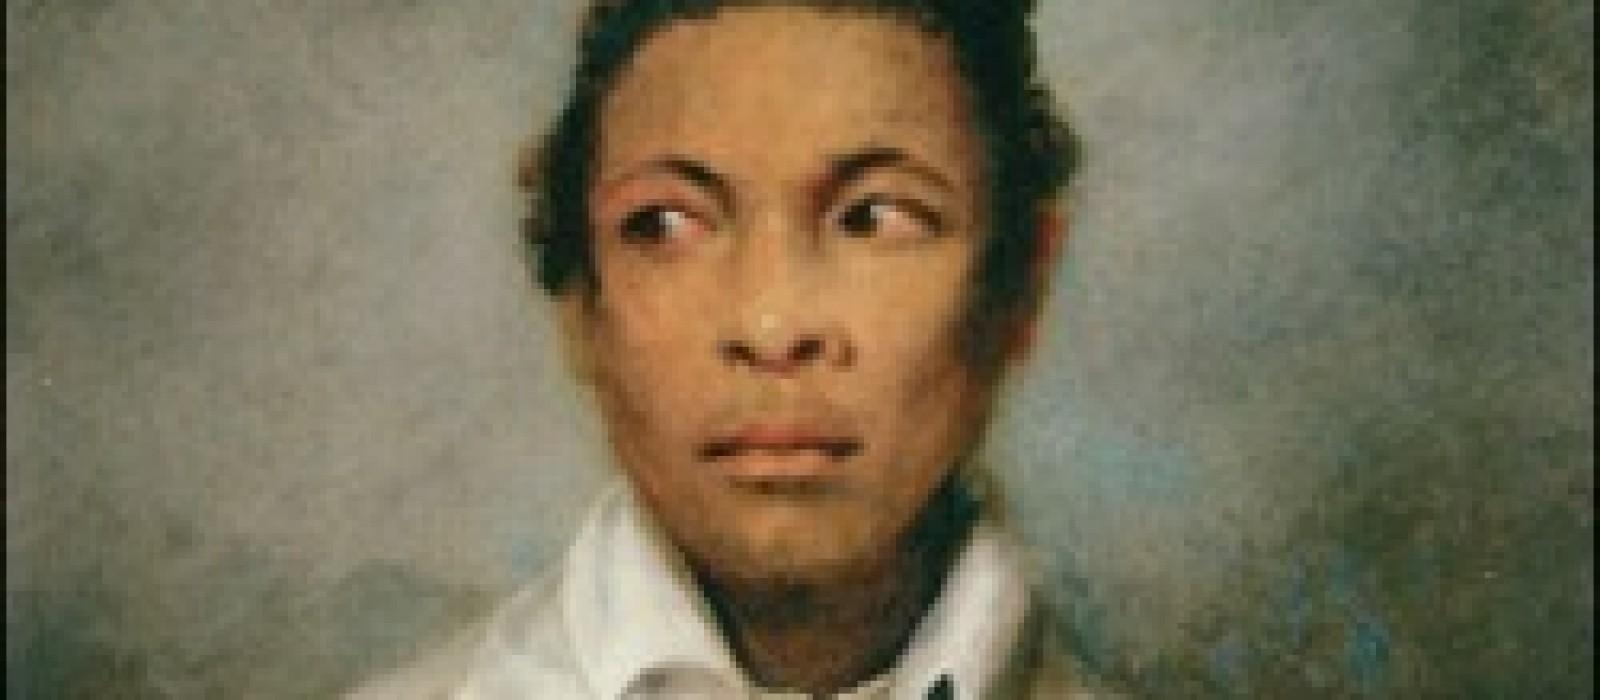 L'Affaire de l'esclave Furcy (Mohammed Aïssaoui)